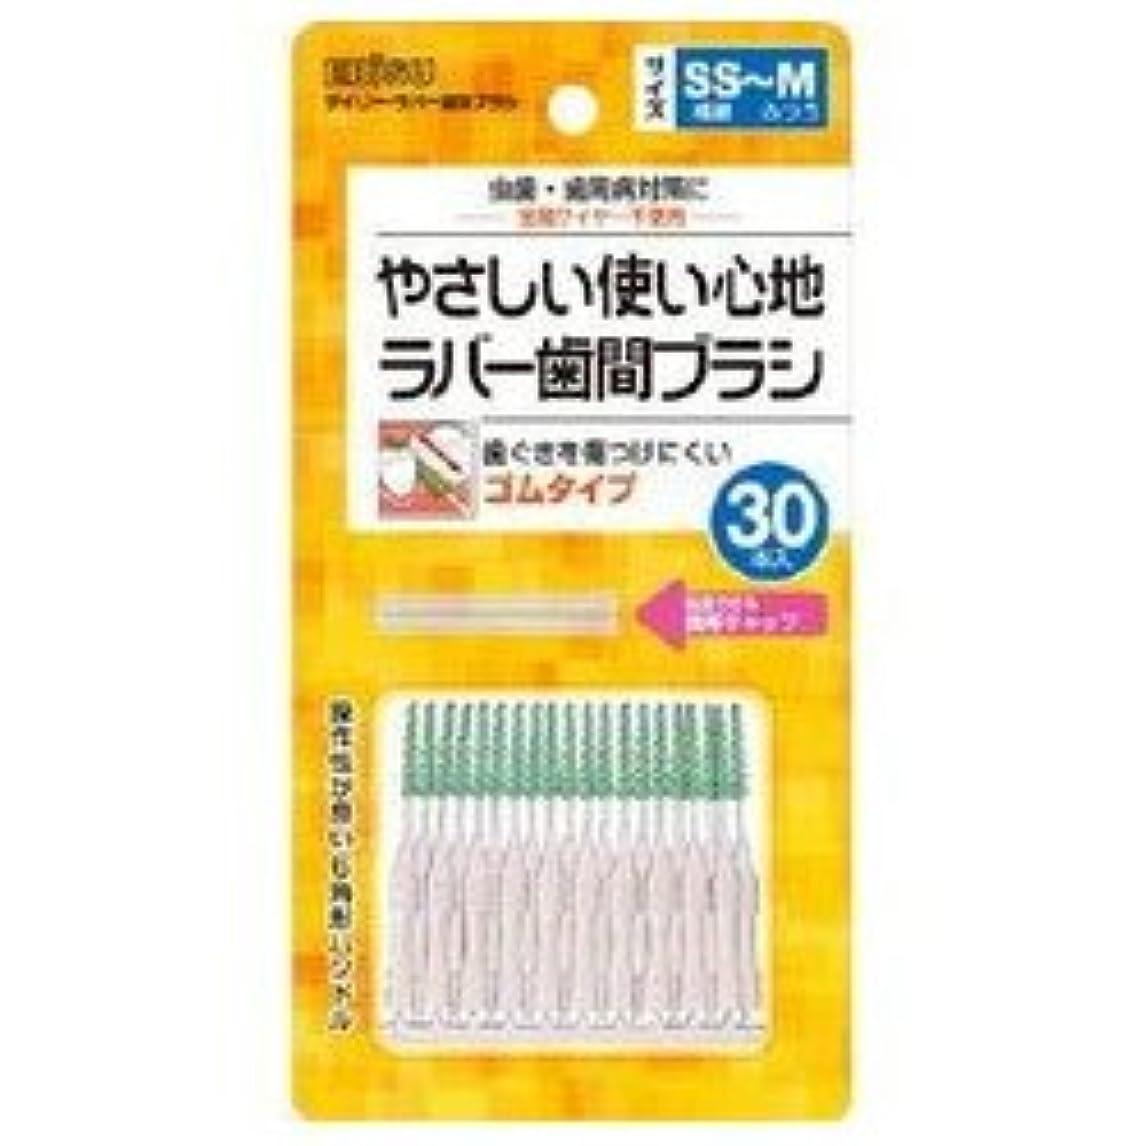 メディアネブ文明【エビス】デイリーラバー 歯間ブラシ SS~M 30本入 ×5個セット